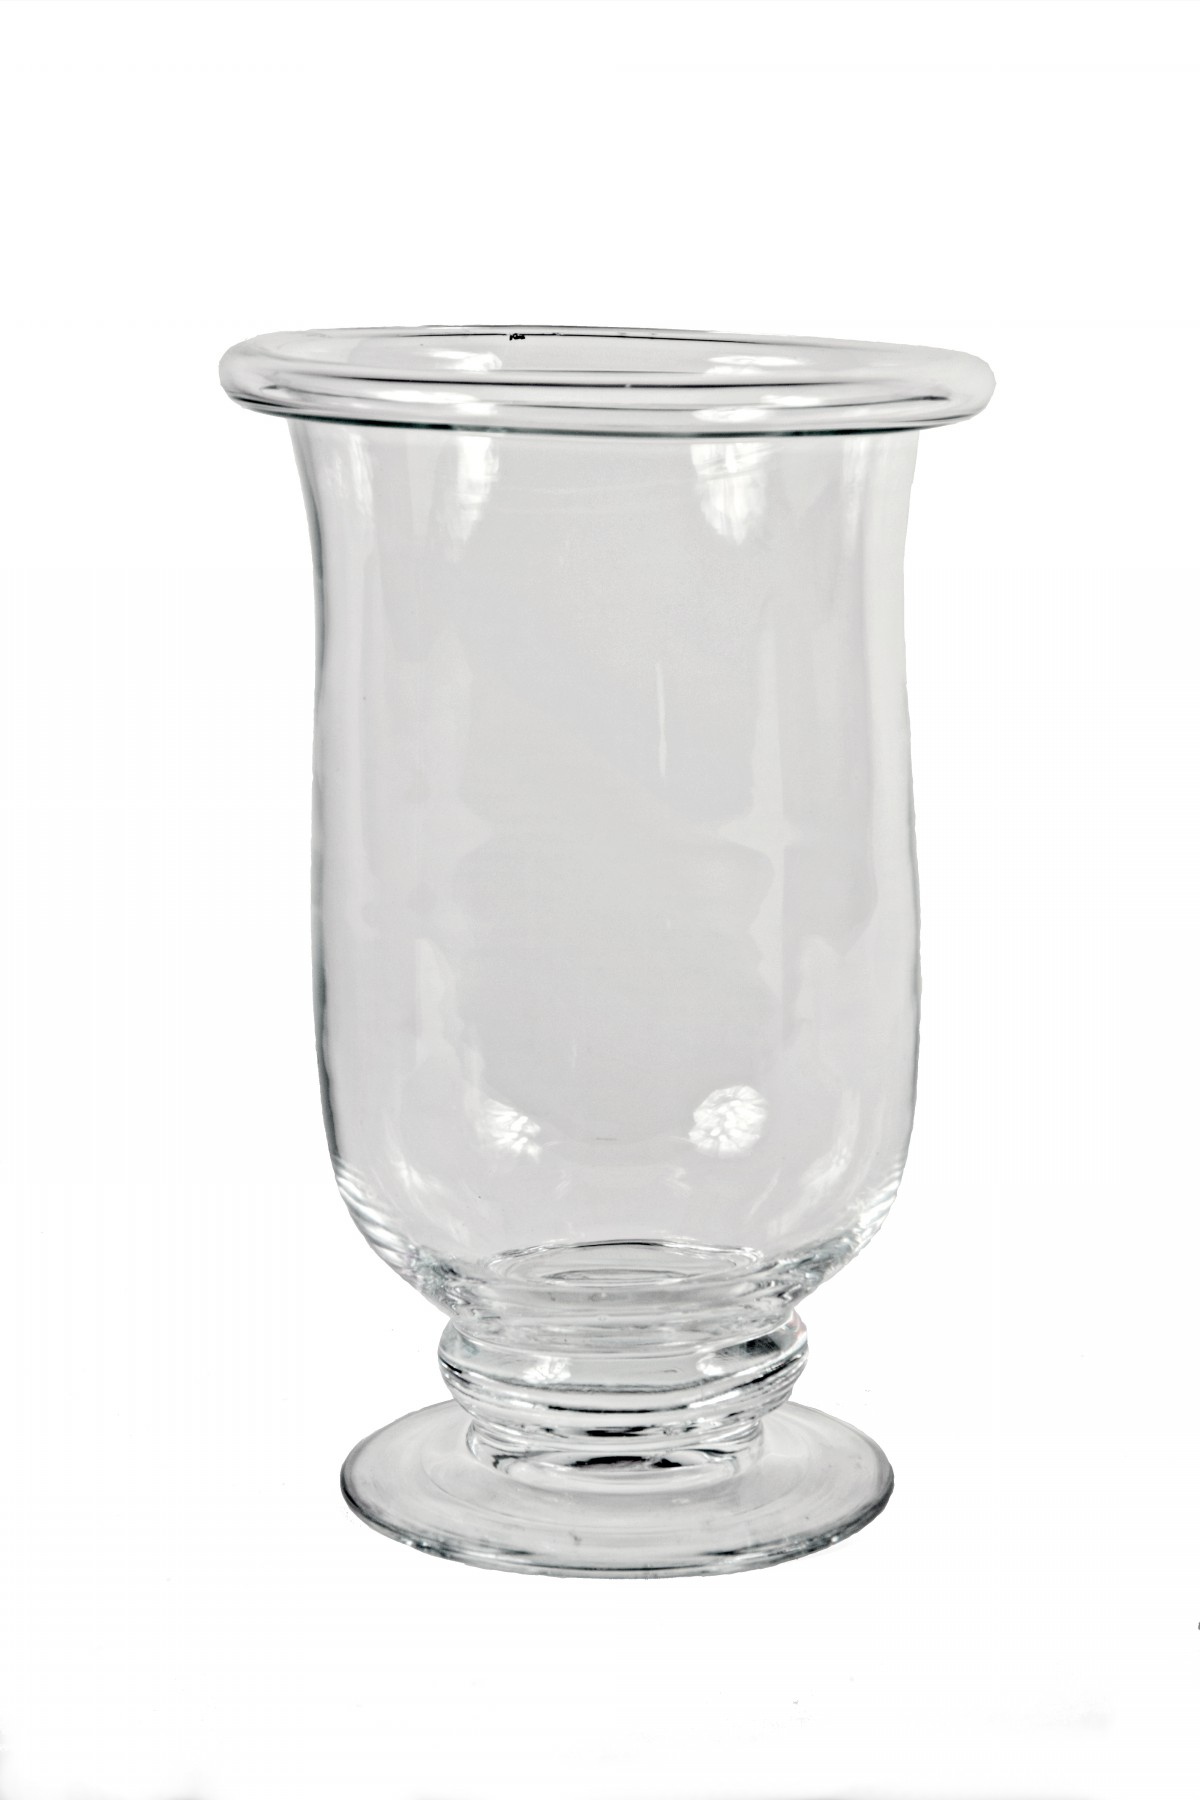 Váza skleněná s lemem na noze 35x24cm